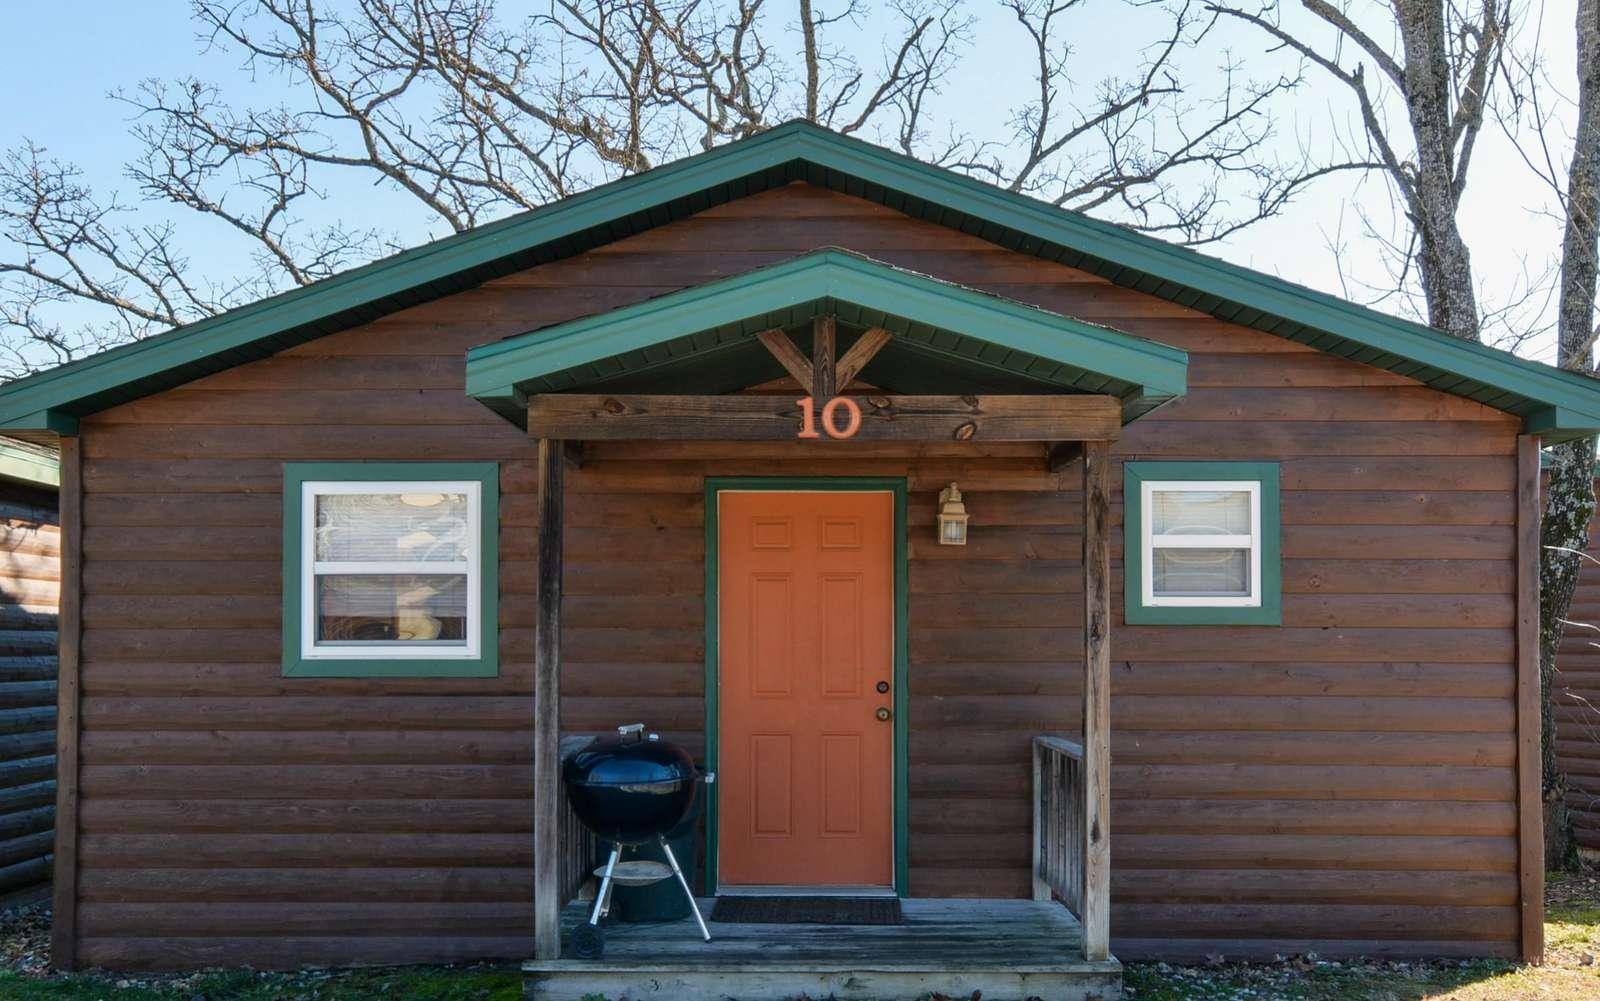 WW – Cozy Cabin 10 - property